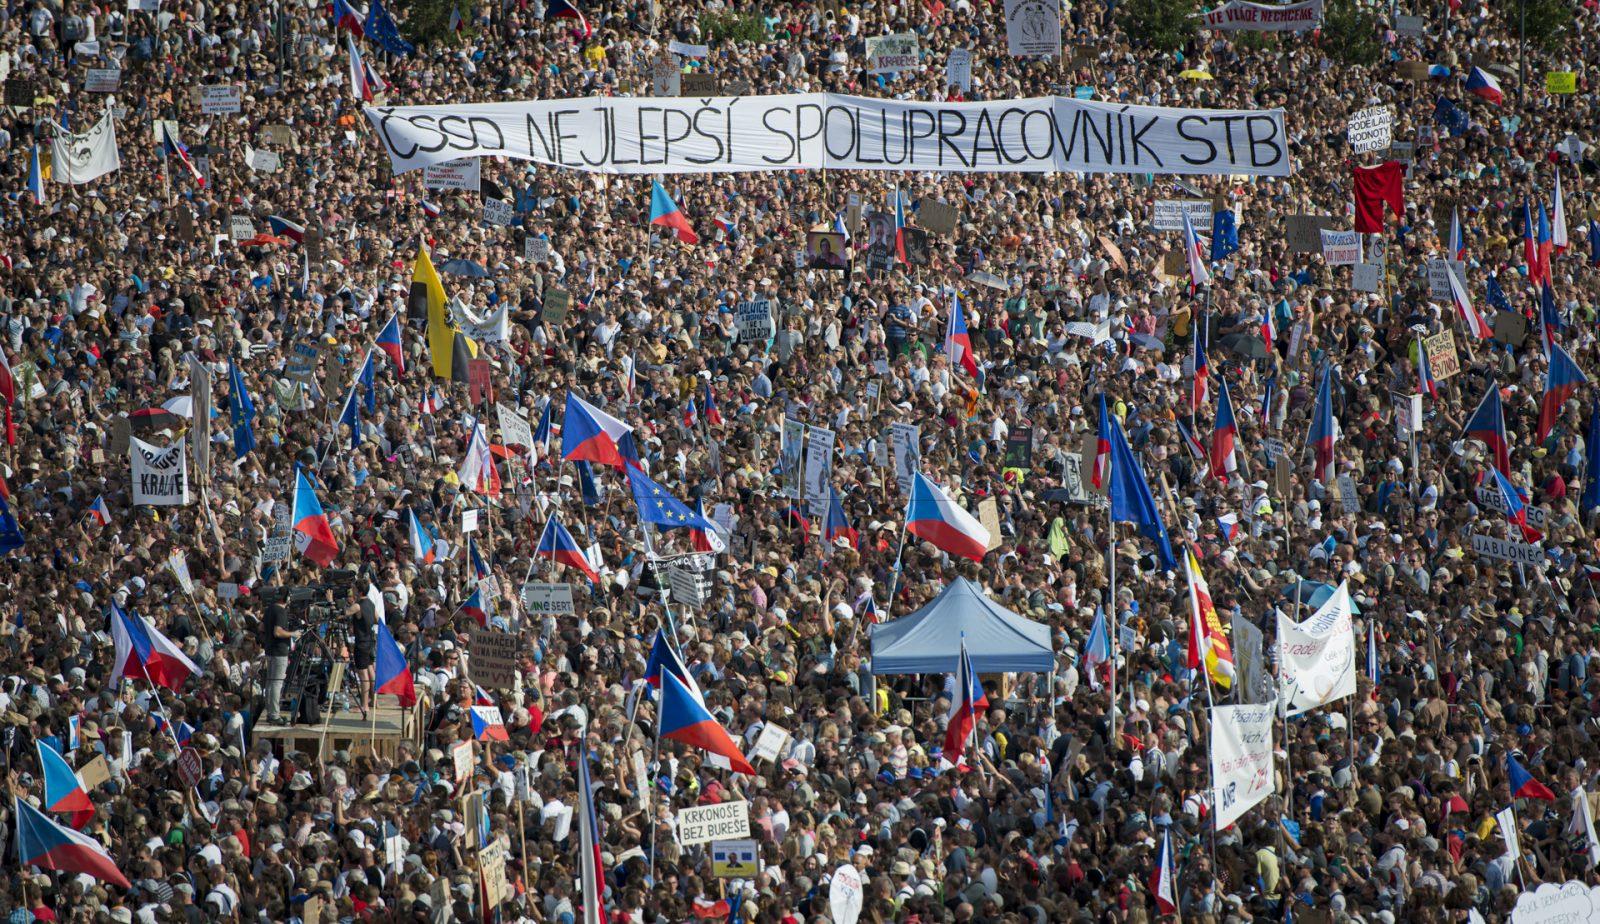 Praga-protesty-andrej-babis-2019